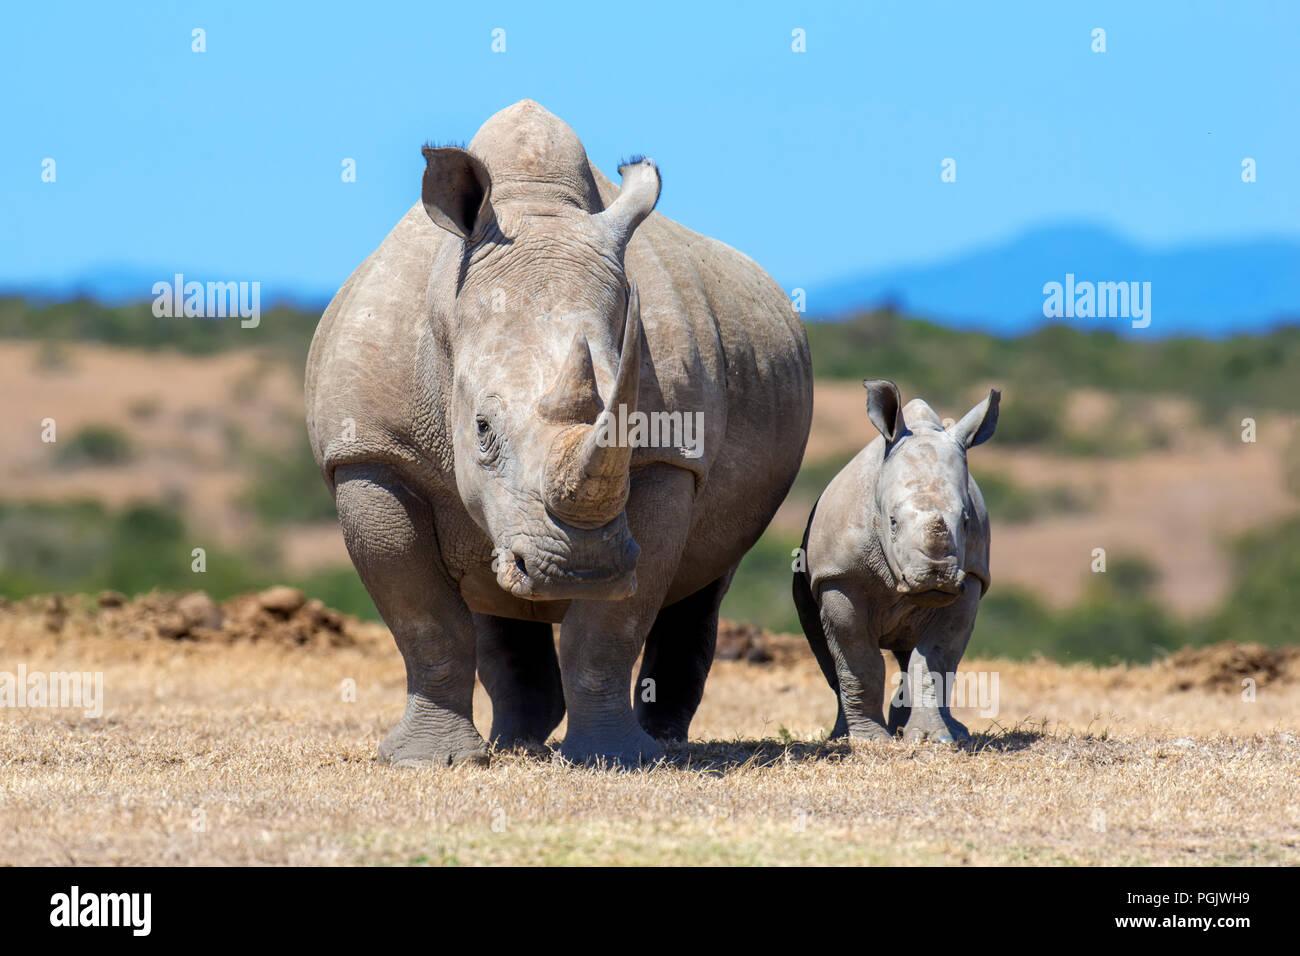 Le rhinocéros blanc d'Afrique, parc national du Kenya Photo Stock